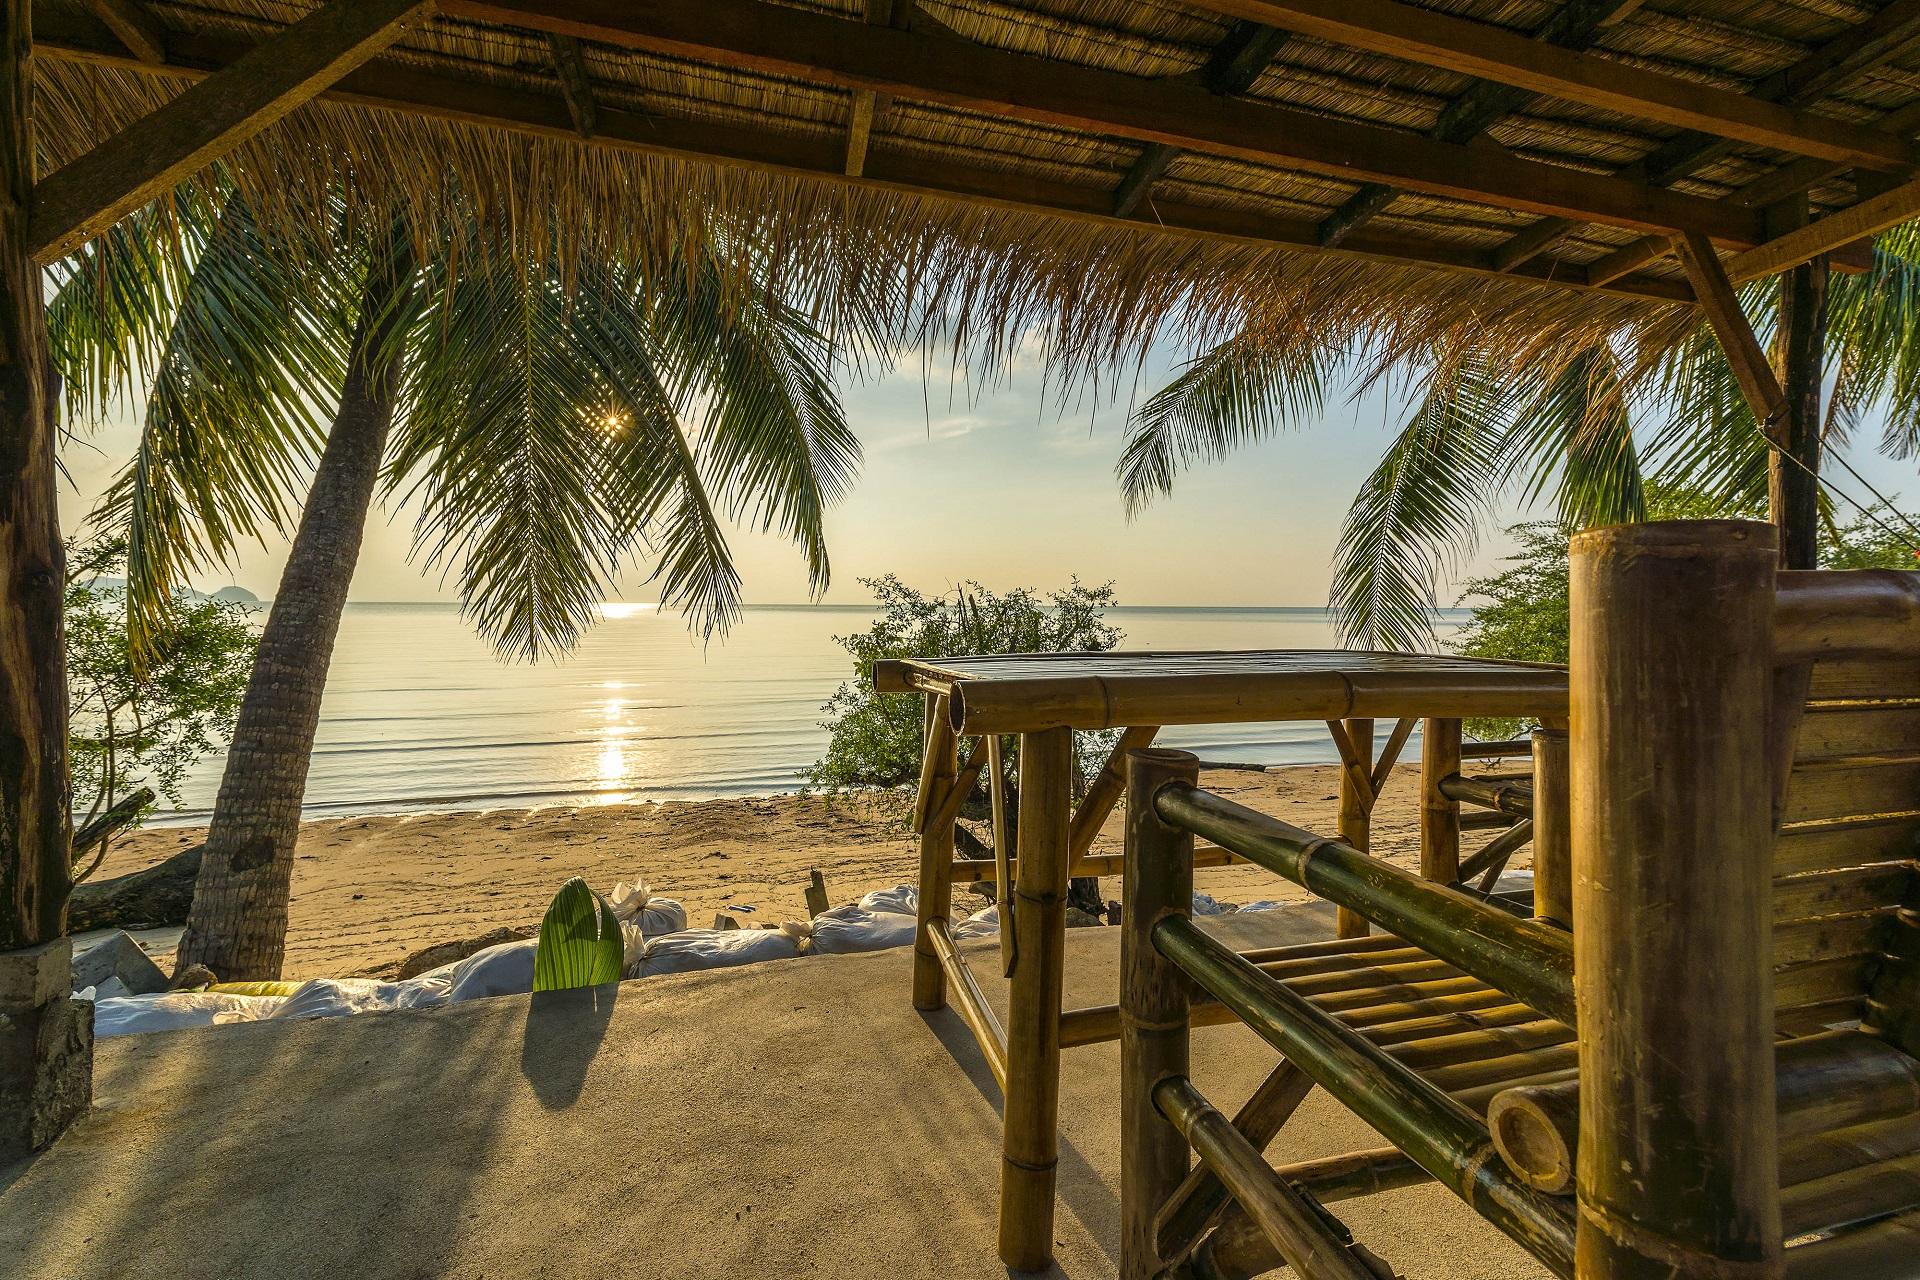 Wie Viel Kostet Tropical Island